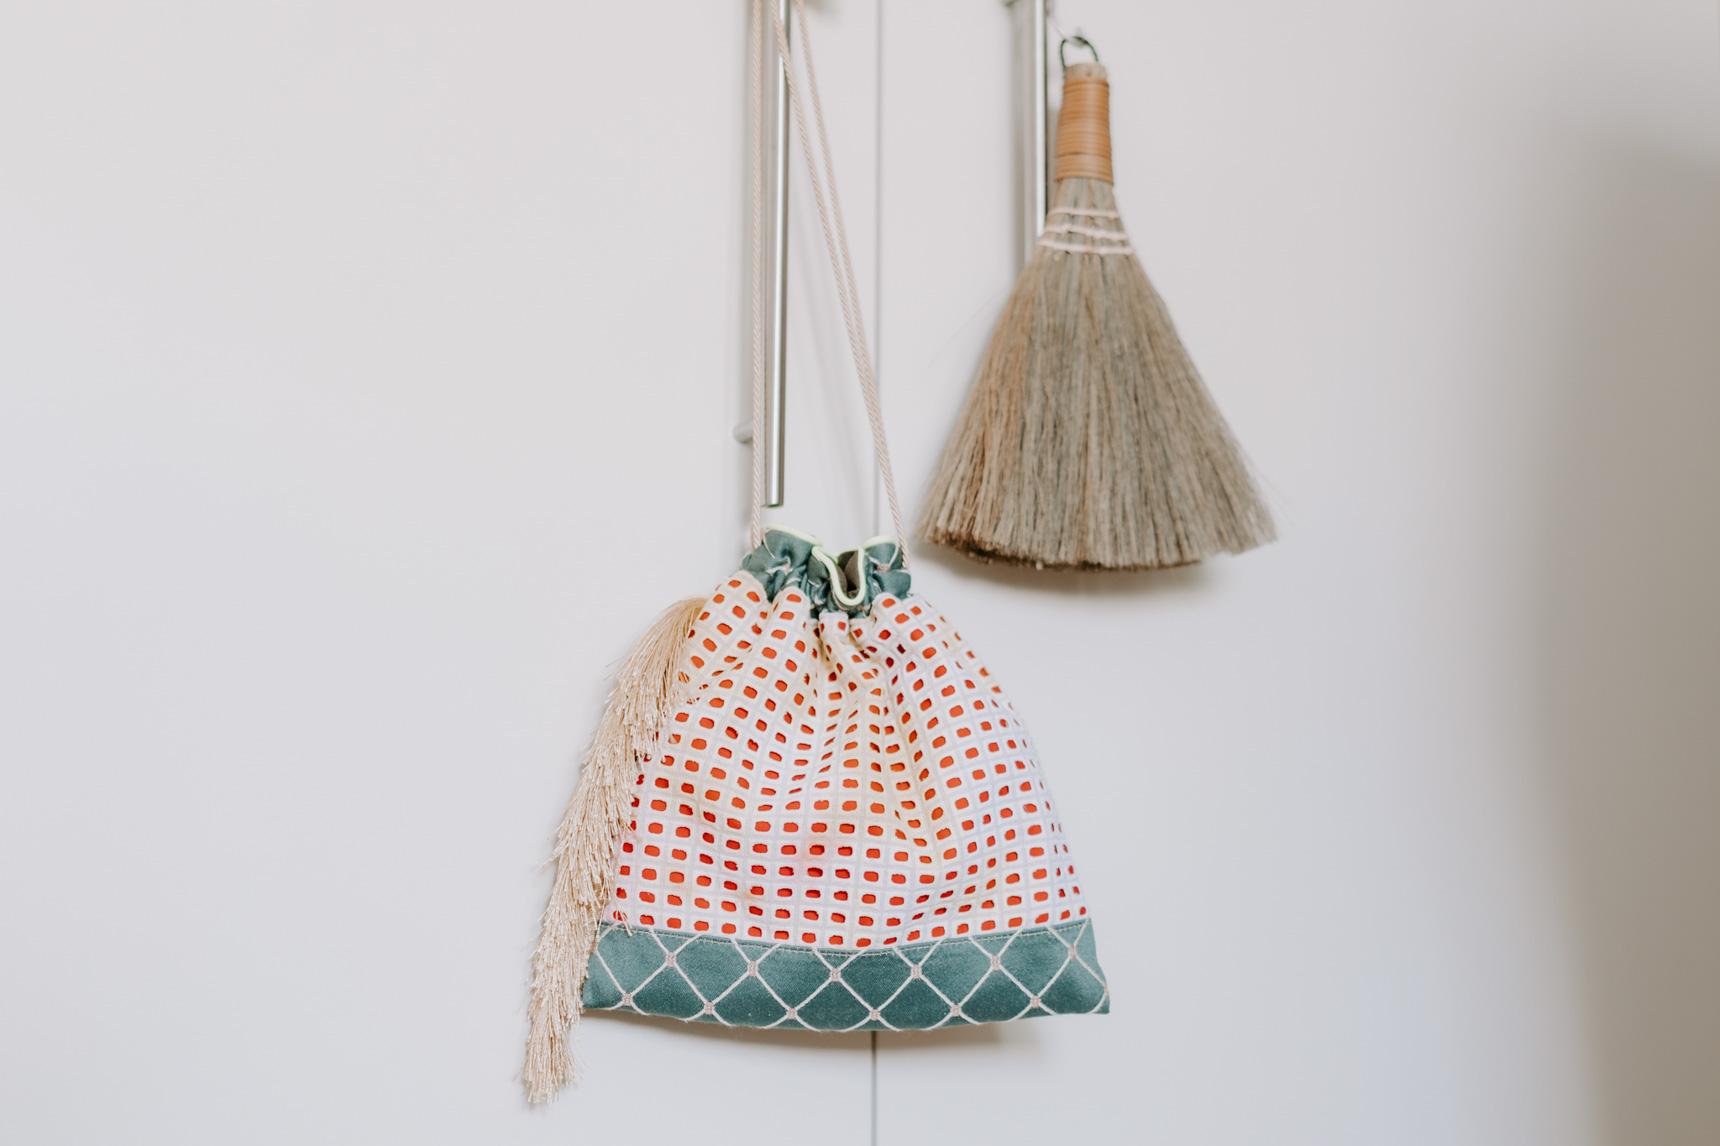 クローゼットの扉にちょこん、とかけてあるのは、「OMEAL THE KINCHAKU(https://www.instagram.com/omeal_the_kinchaku/?hl=ja)」の巾着袋。1点ものが多くポップアップストアなどでしか買えないため、念願叶って手に入れたものだそう。